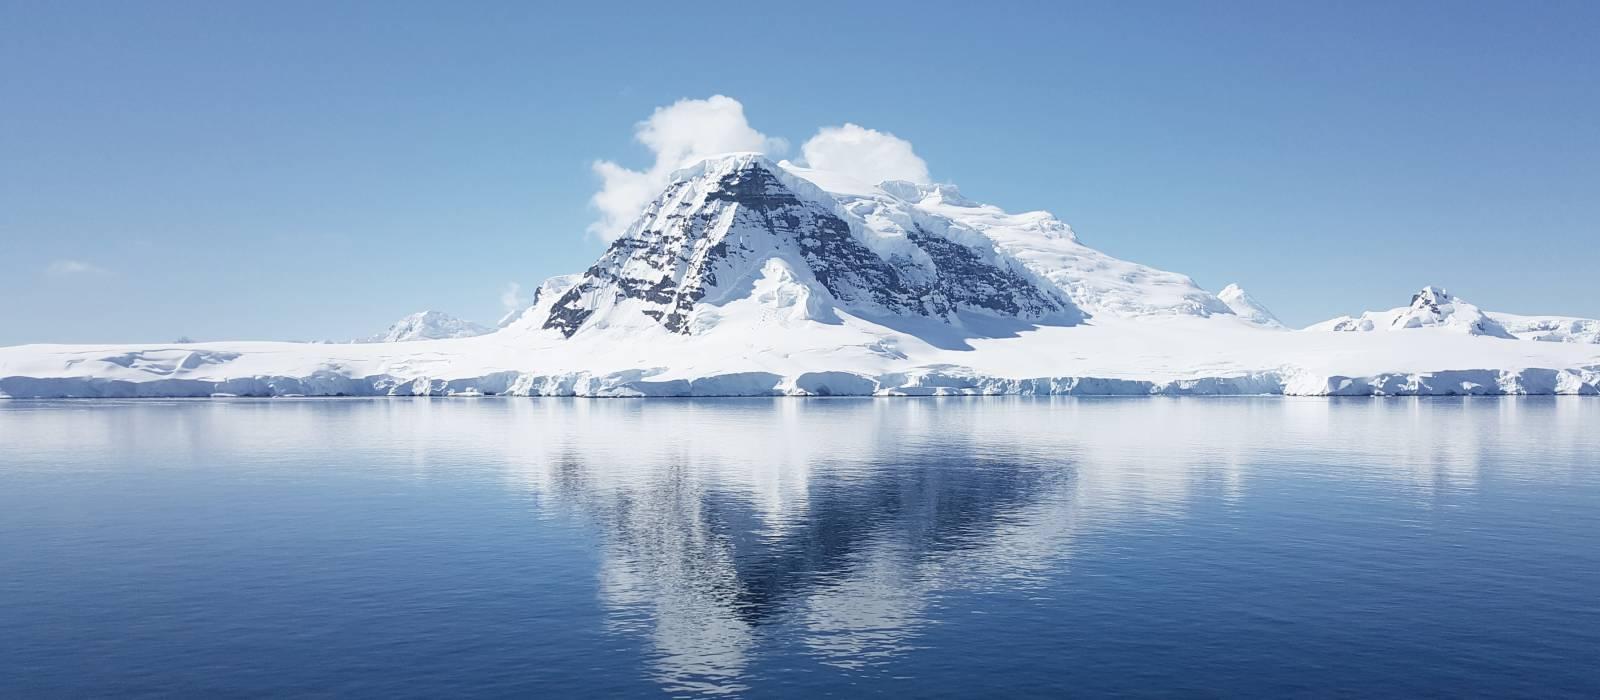 Antarktis-Gletscher an einem sonnigen Tag